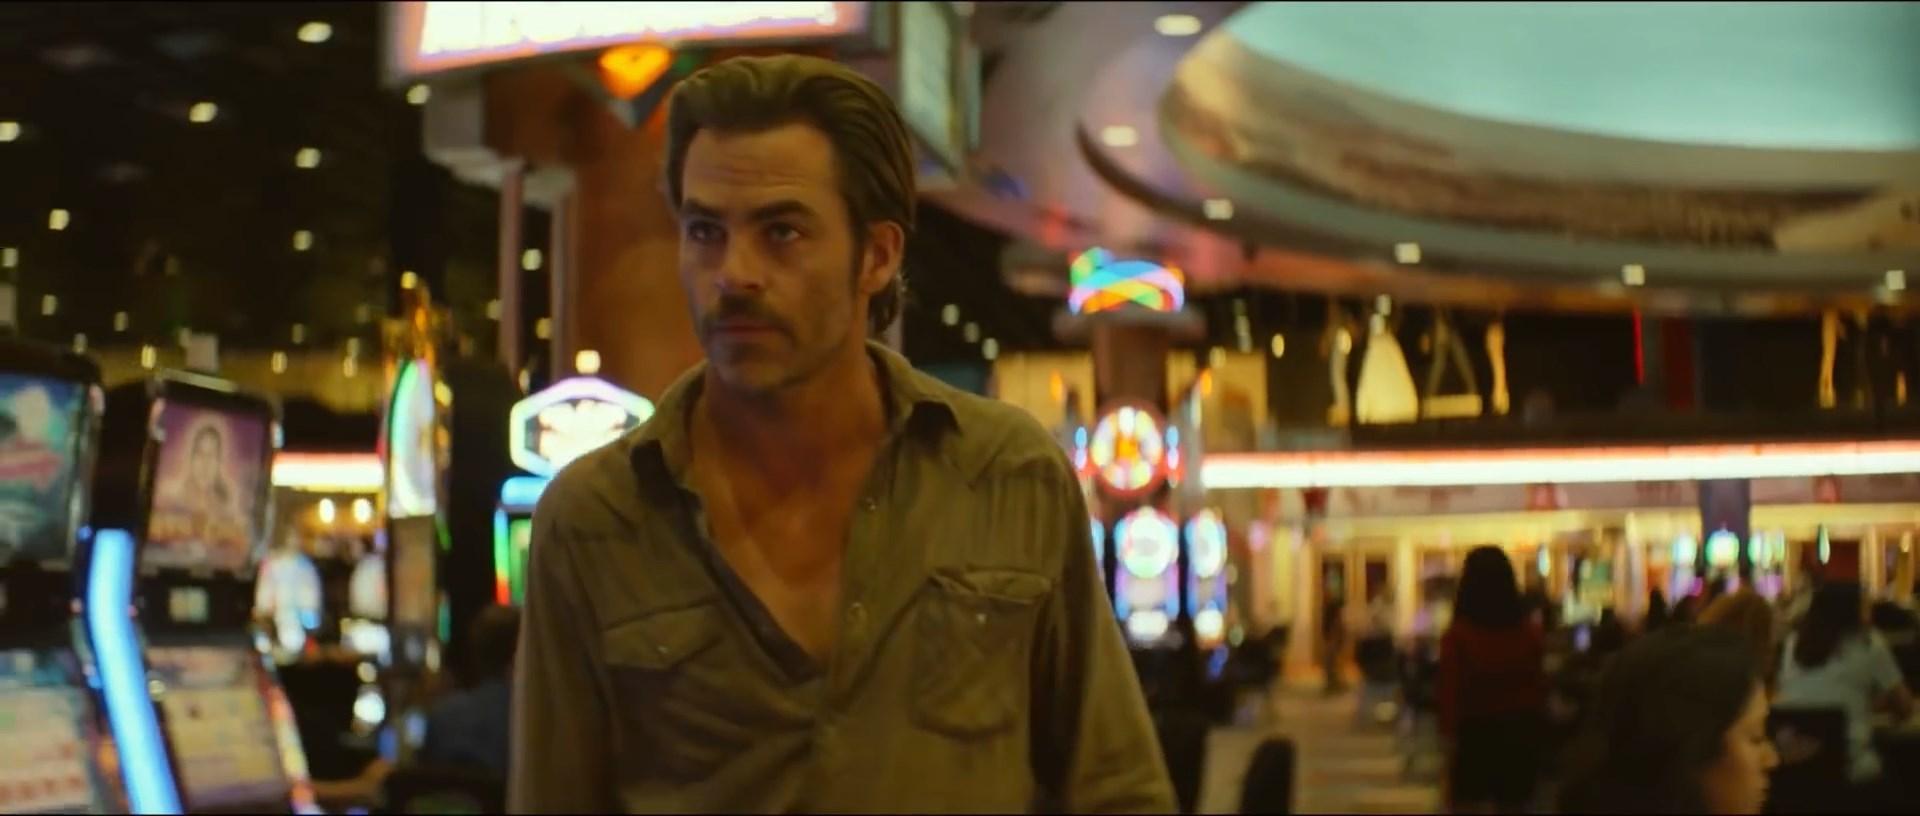 Фильм любой ценой (2016) скачать торрент в хорошем качестве hd.